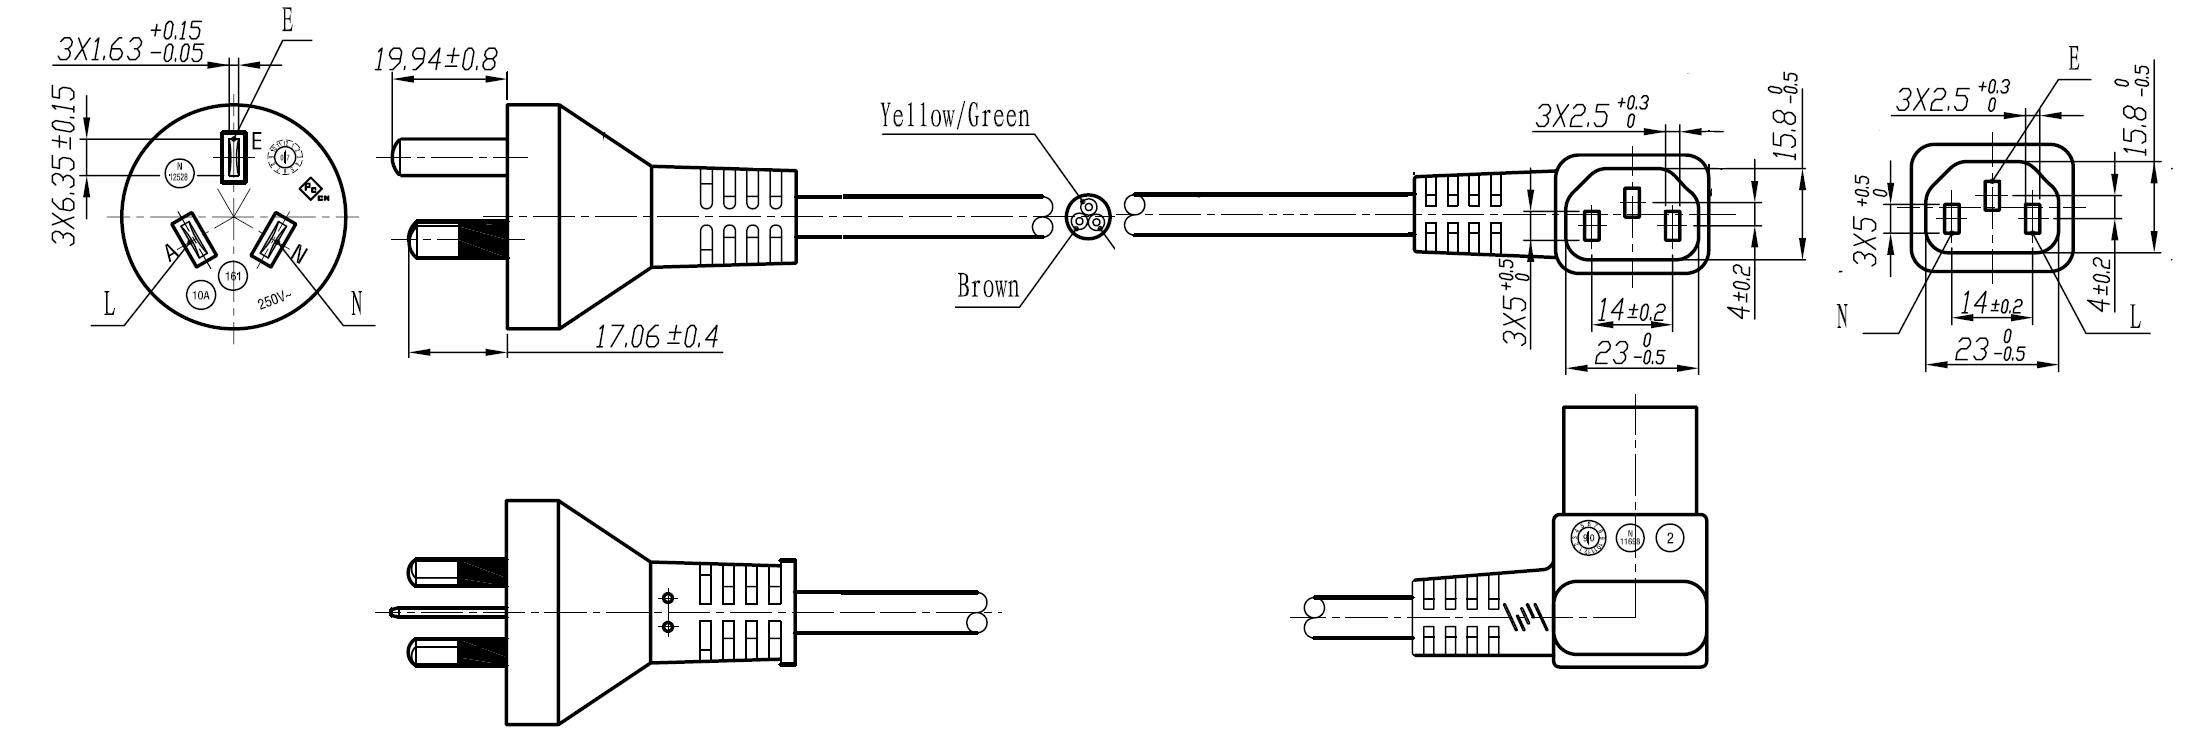 ac iec c14 wiring diagram